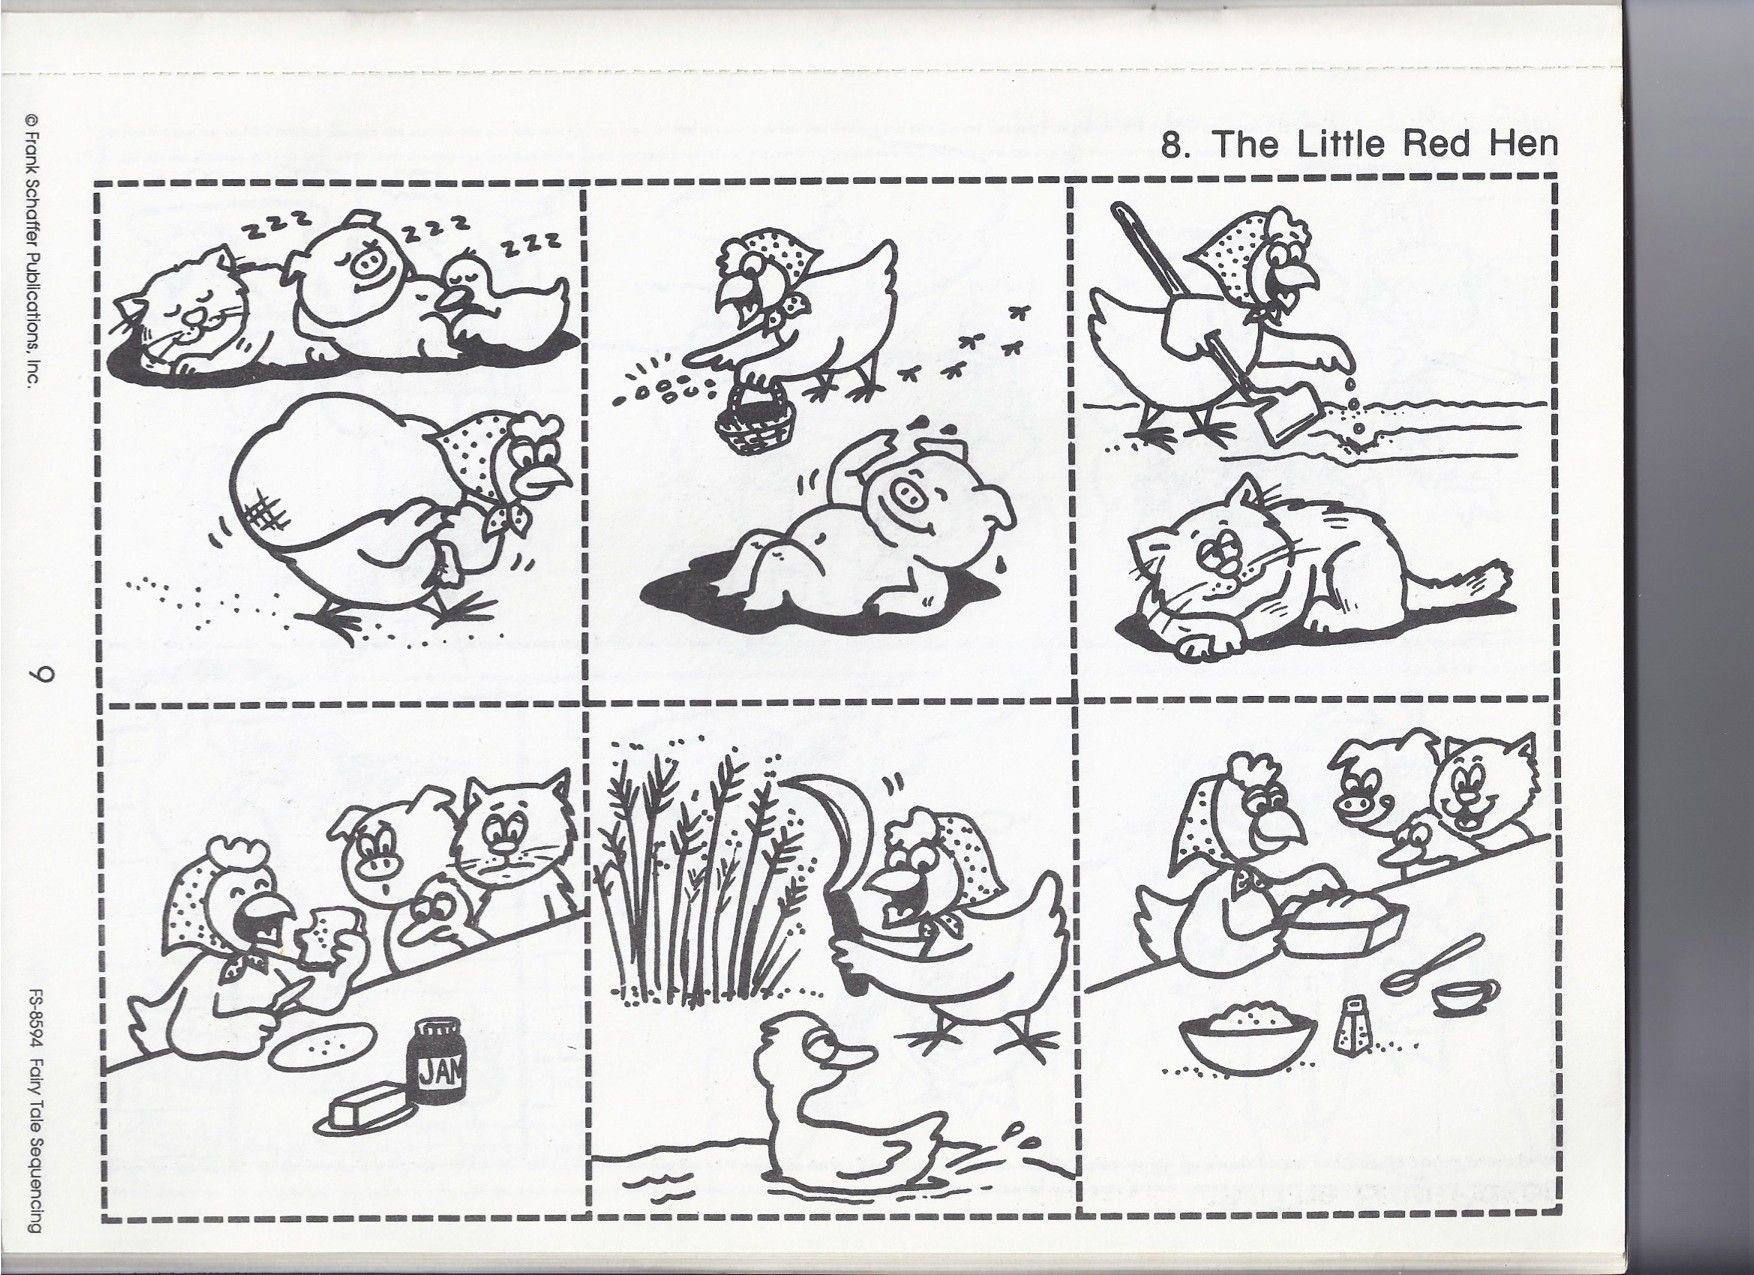 Short Storie For Kids Worksheet Abou Snow White